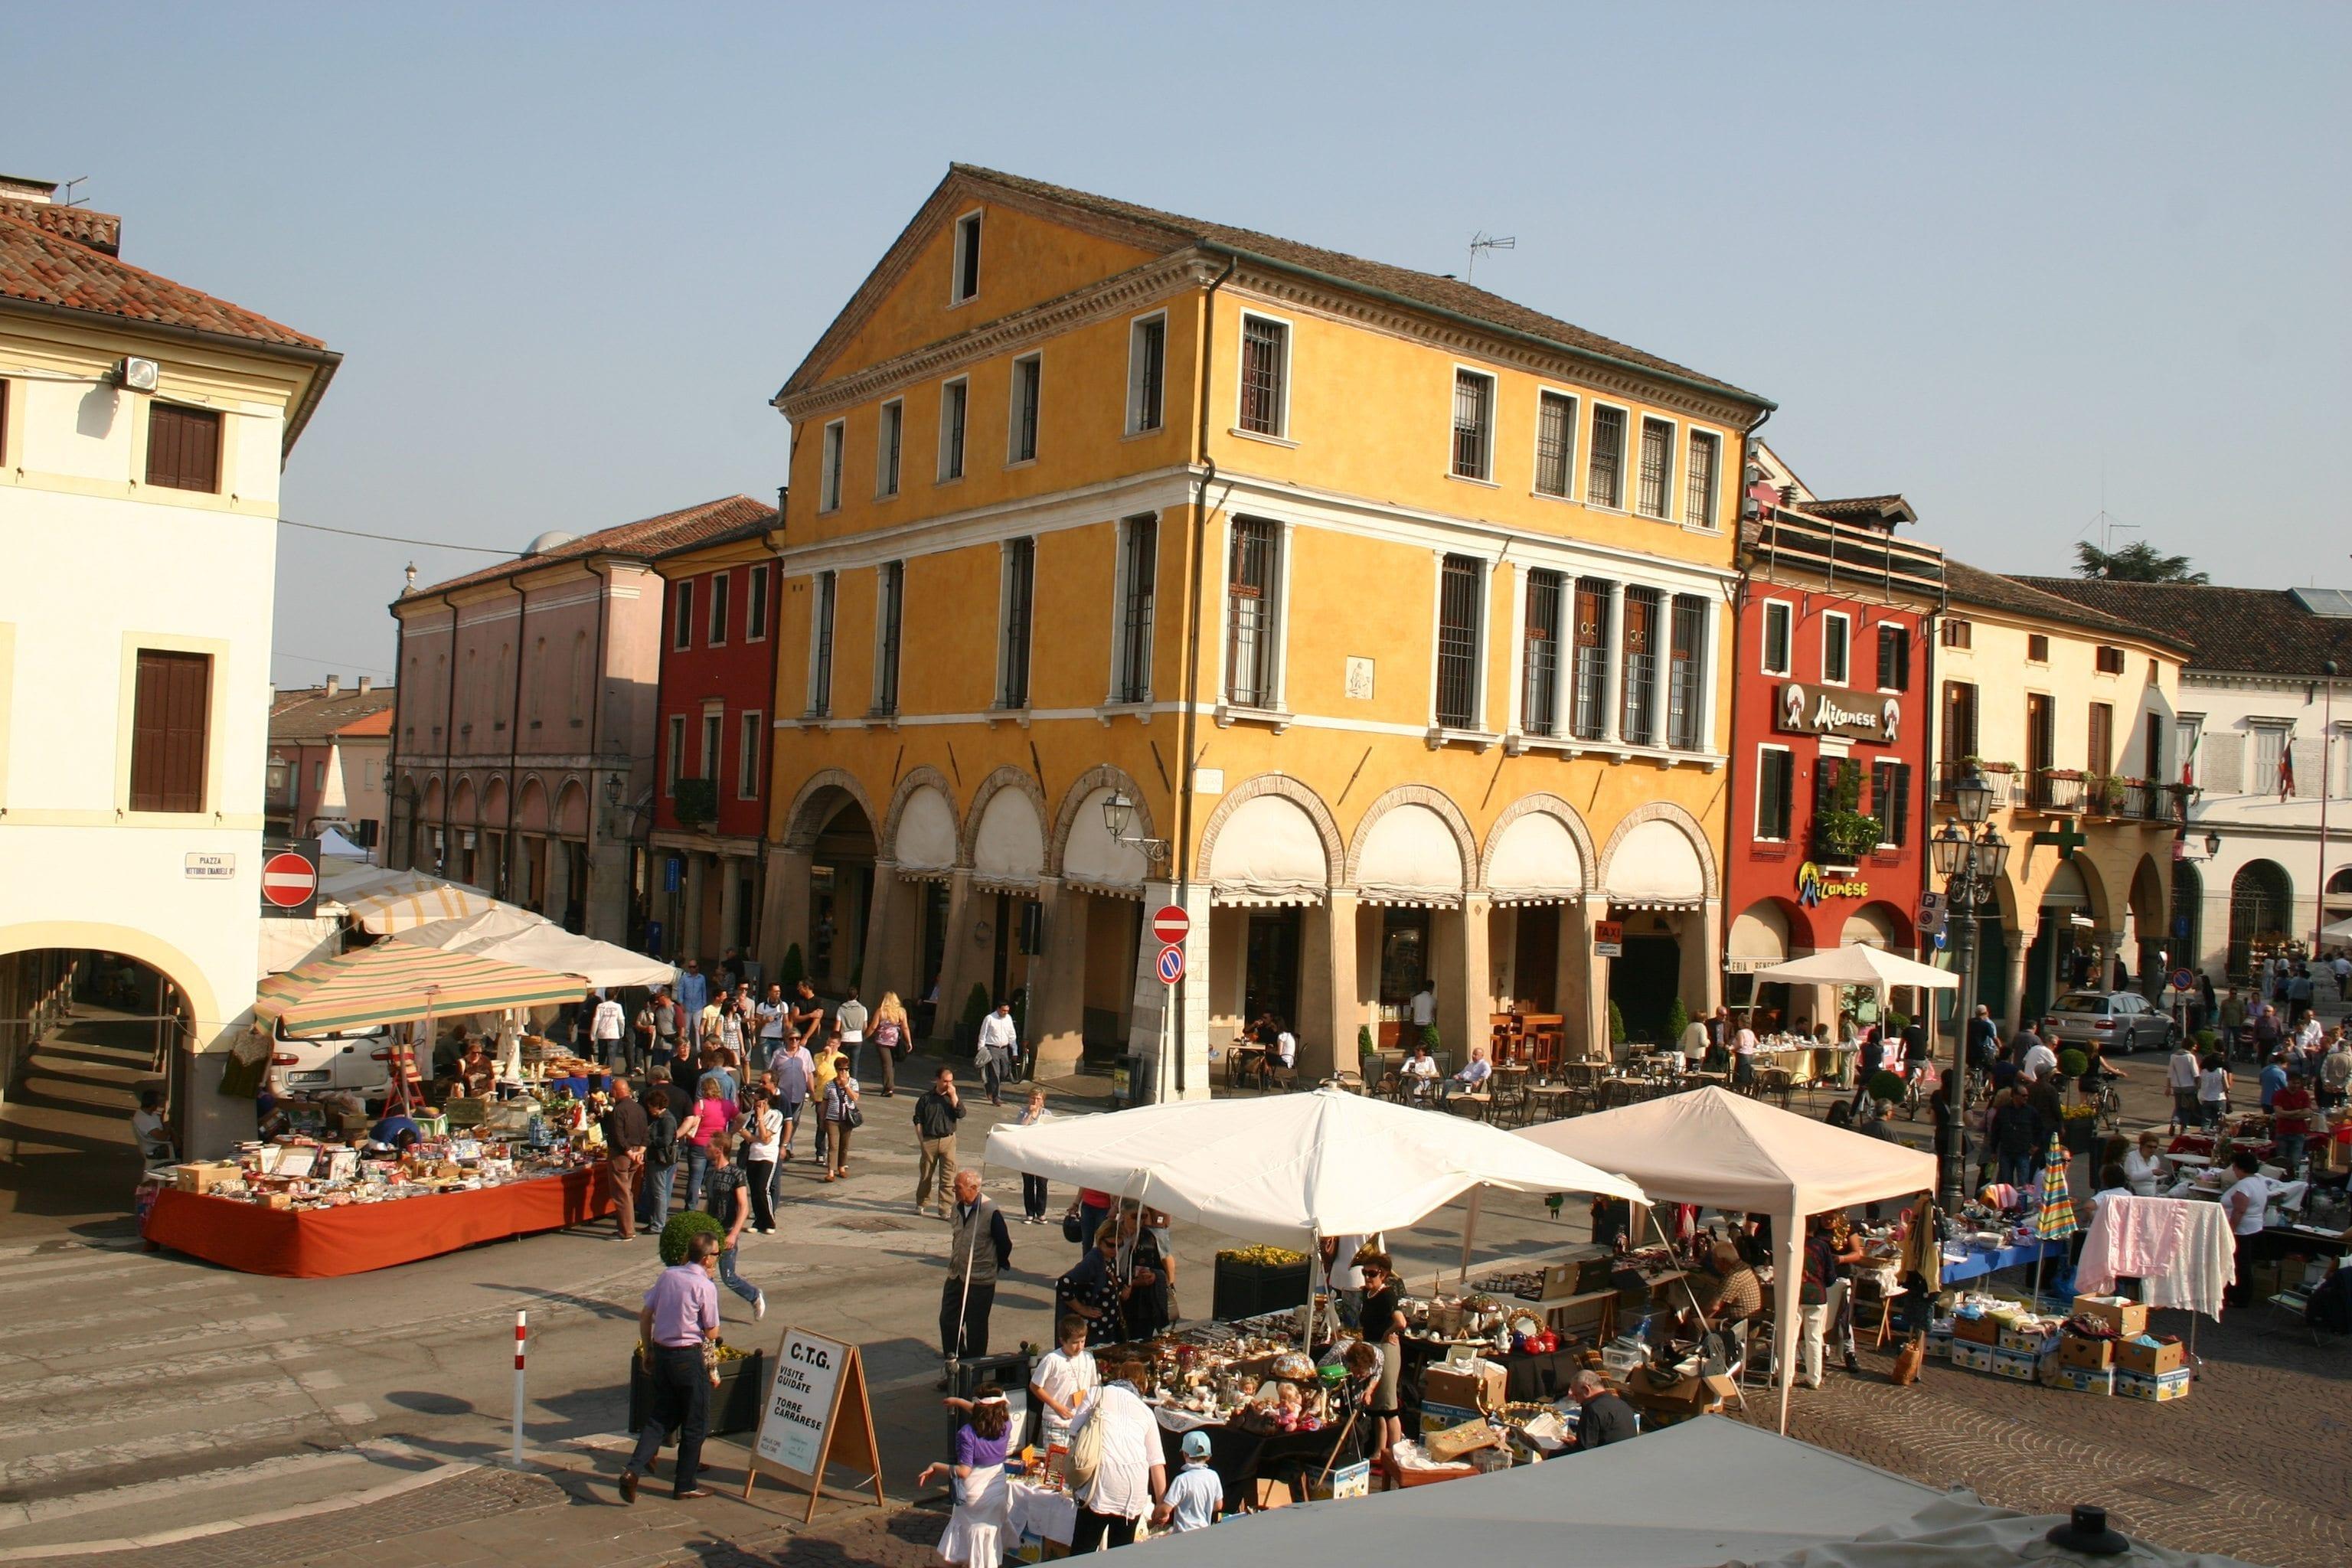 0ec44162028c Il Comune di Piove di Sacco ha istituito un mercatino dell'usato e  dell'antiquariato denominato Mercatino dei Portici che si tiene ogni 2^  domenica del mese ...